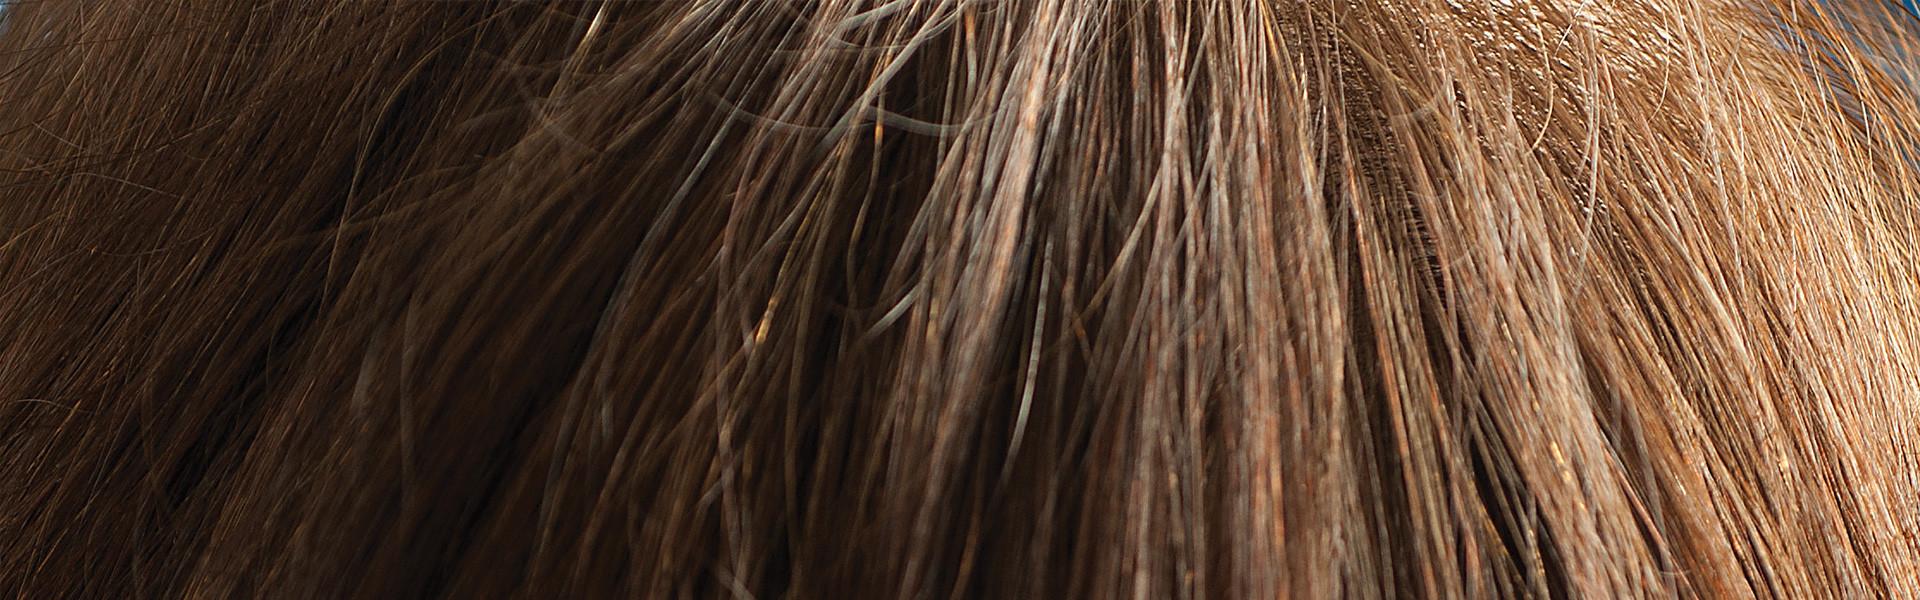 Ett brunt hårsvall